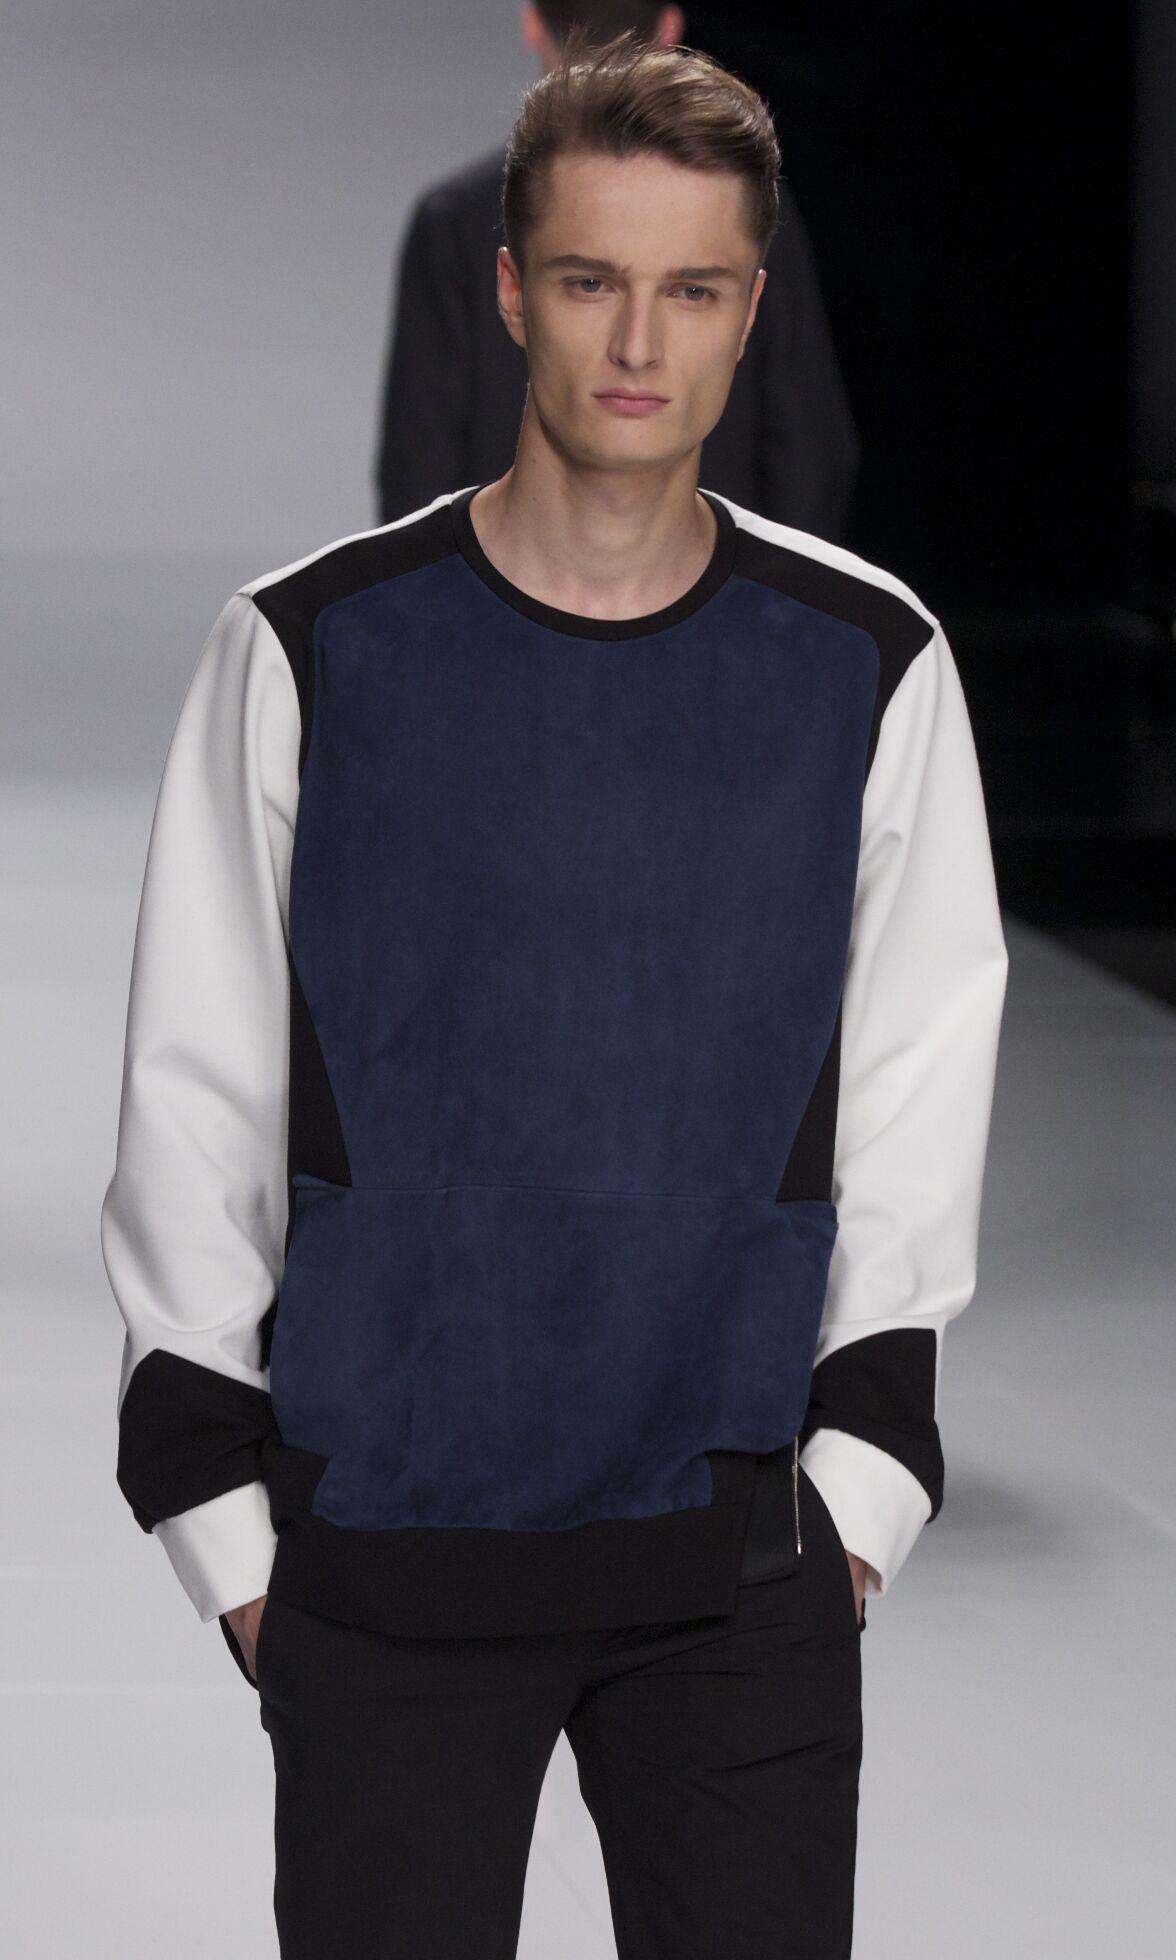 1990s mens fashion - Google Search | Fashion | Pinterest ...